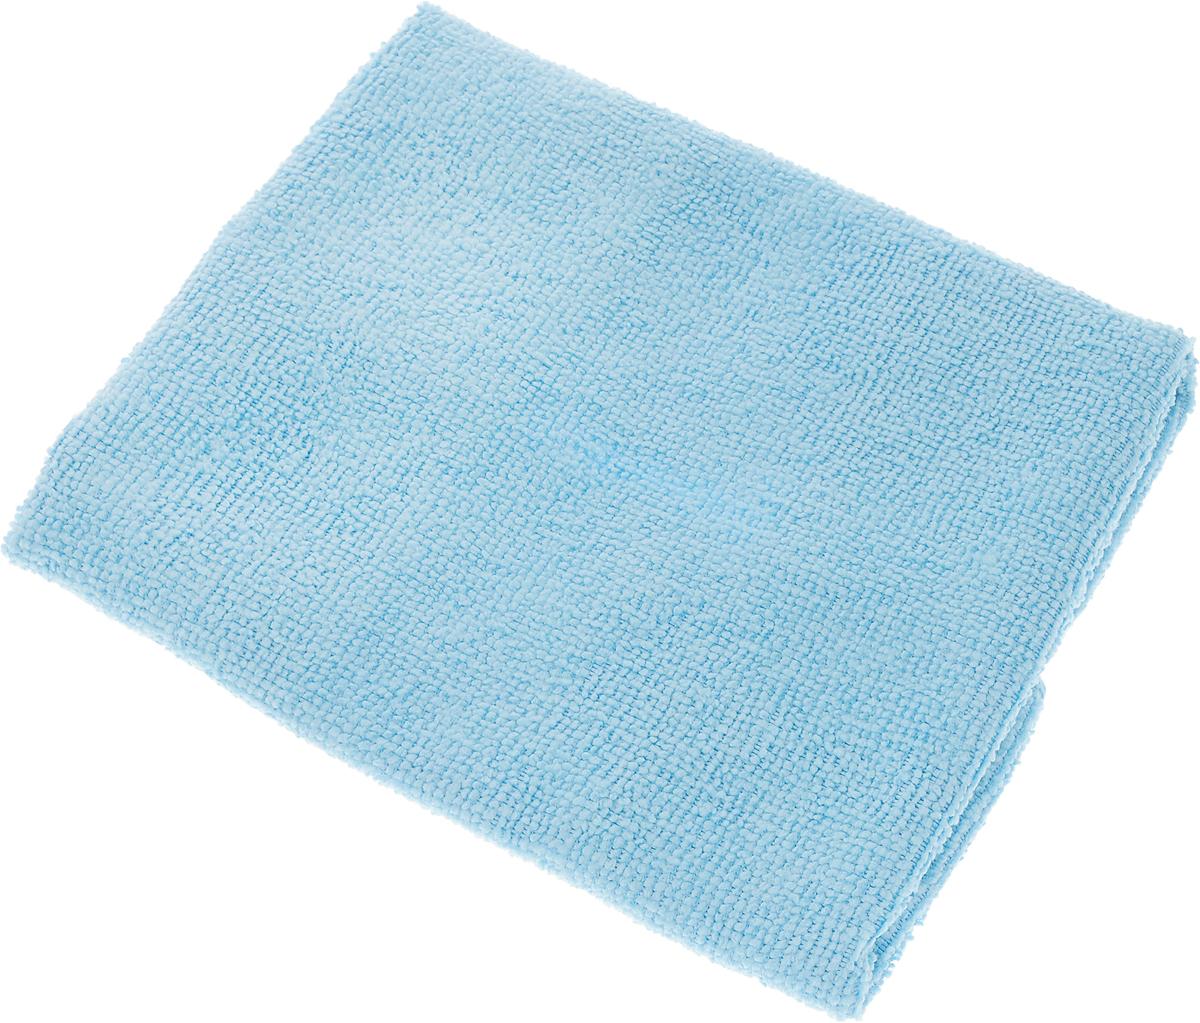 Салфетка LarangE, супервлаговпитывающая, универсальная, цвет: голубой, 30 х 30 смKOC_SOL249_G4Салфетка LarangE, изготовленная из полиамида и полиэфира, предназначена для очищения загрязнений на любых поверхностях. Изделие обладает высокой износоустойчивостью и рассчитано на многократное использование, легко моется в теплой воде с мягкими чистящими средствами. Впитывающая салфетка не оставляет разводов и ворсинок, идеальна для стеклянных и блестящих поверхностей, удаляет большинство жирных и маслянистых загрязнений без использования химических средств. Не царапает поверхность и впитывает гораздо больше воды, чем обычная ткань. Подходит для сухой и влажной уборки. Материал: 20% полиамид, 80% полиэстер.